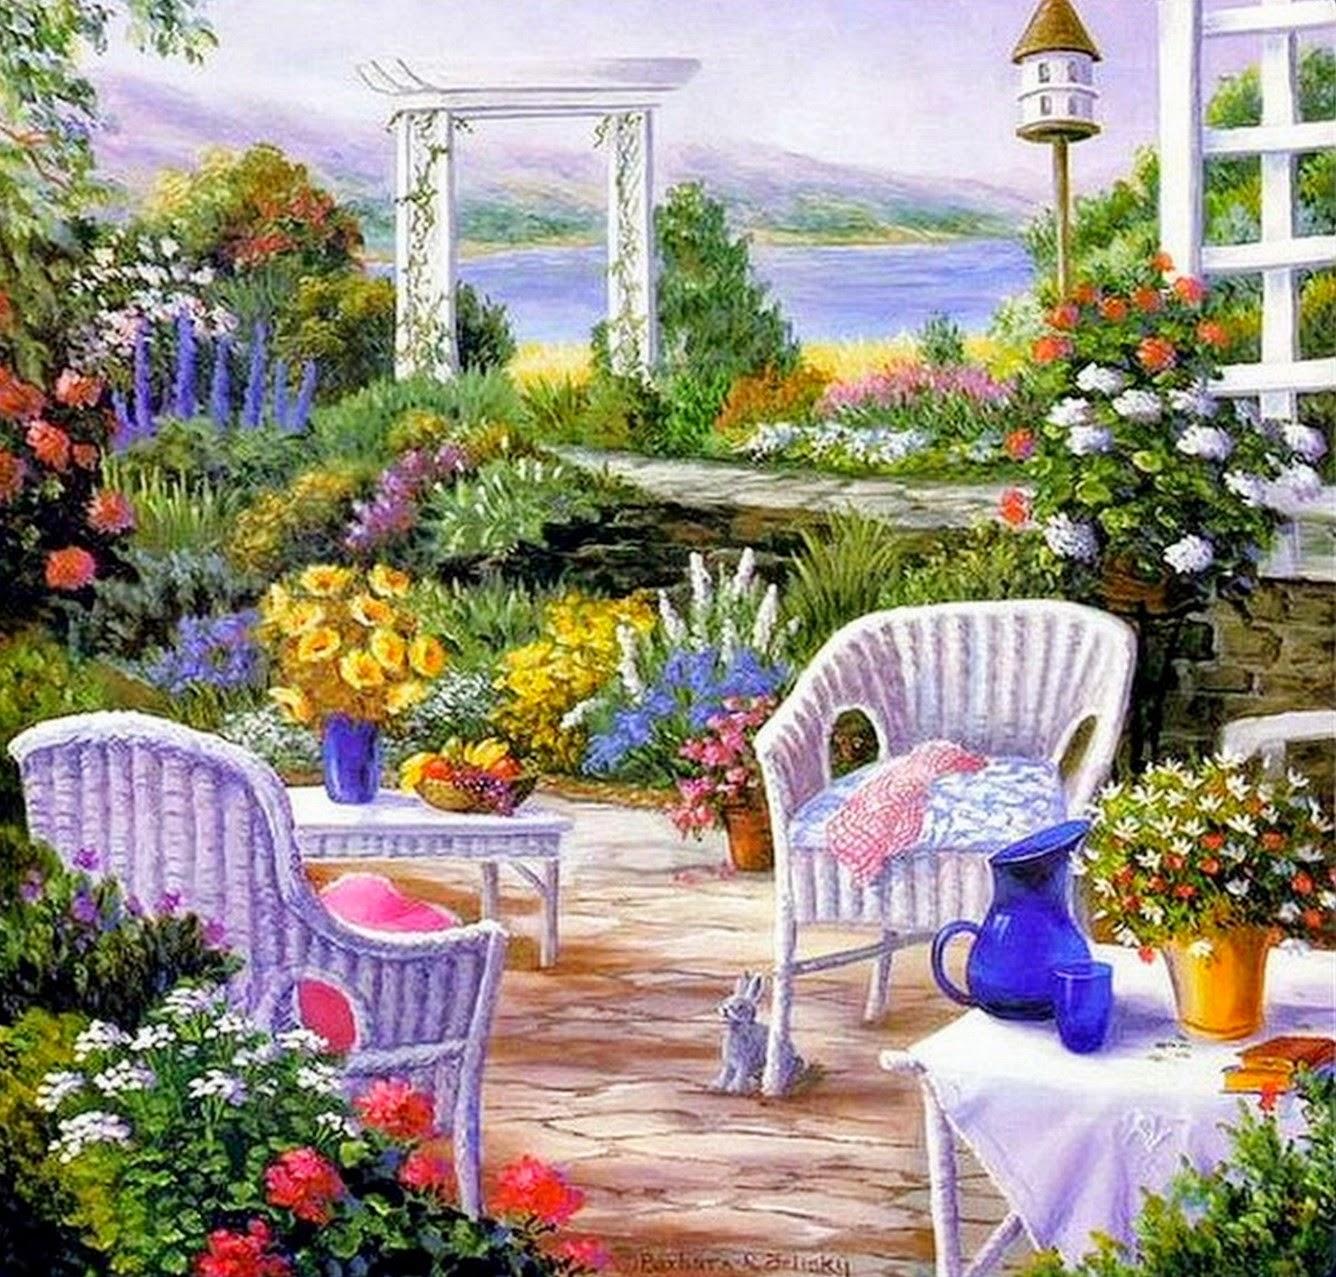 Im genes arte pinturas paisajes con jardines y flores - Oleos de jardines ...